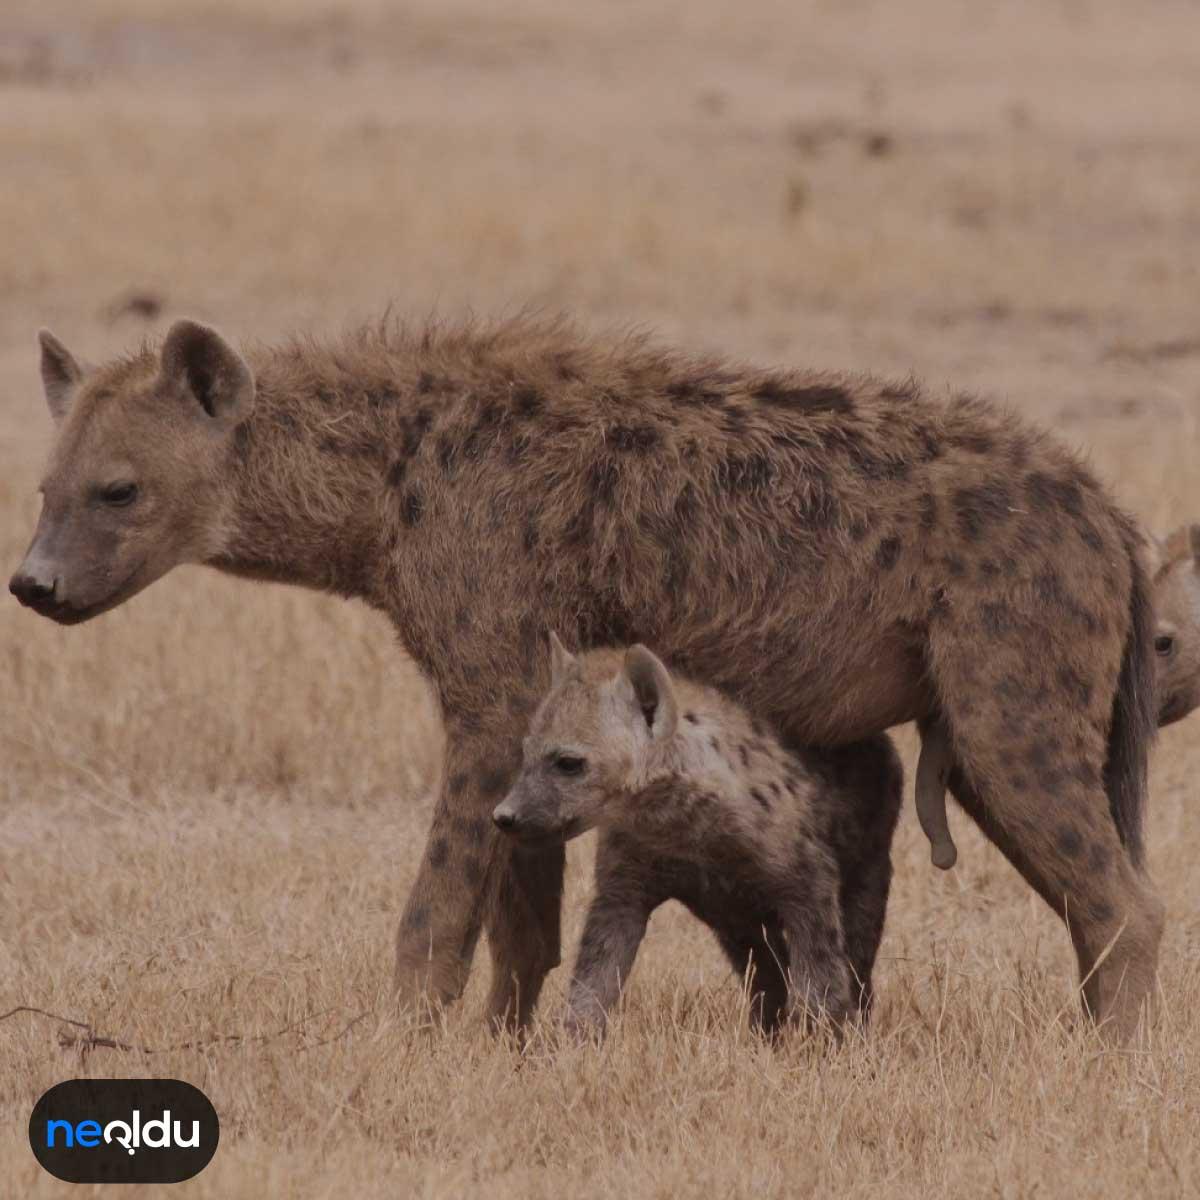 Dünyada nesli tükenme tehlikesi olan hayvanlar